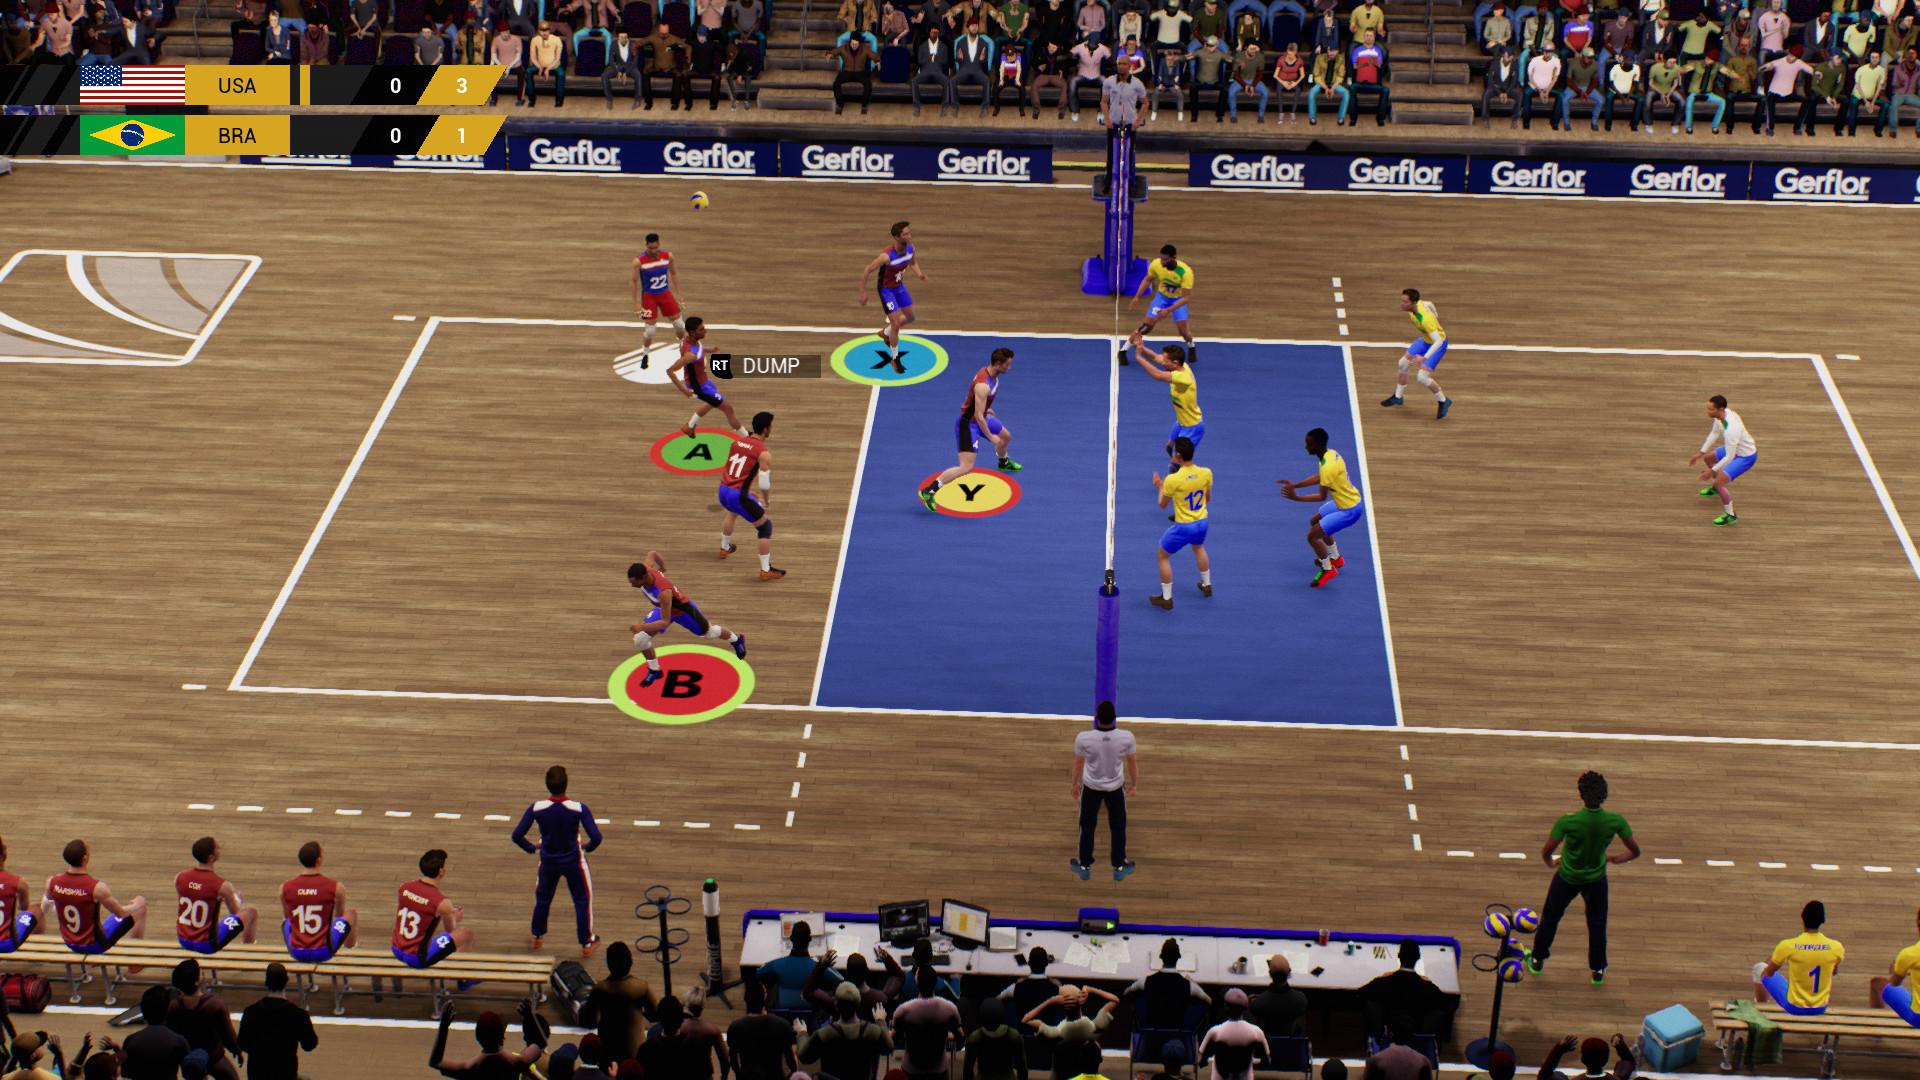 Spike Volleyball Screenshot 3